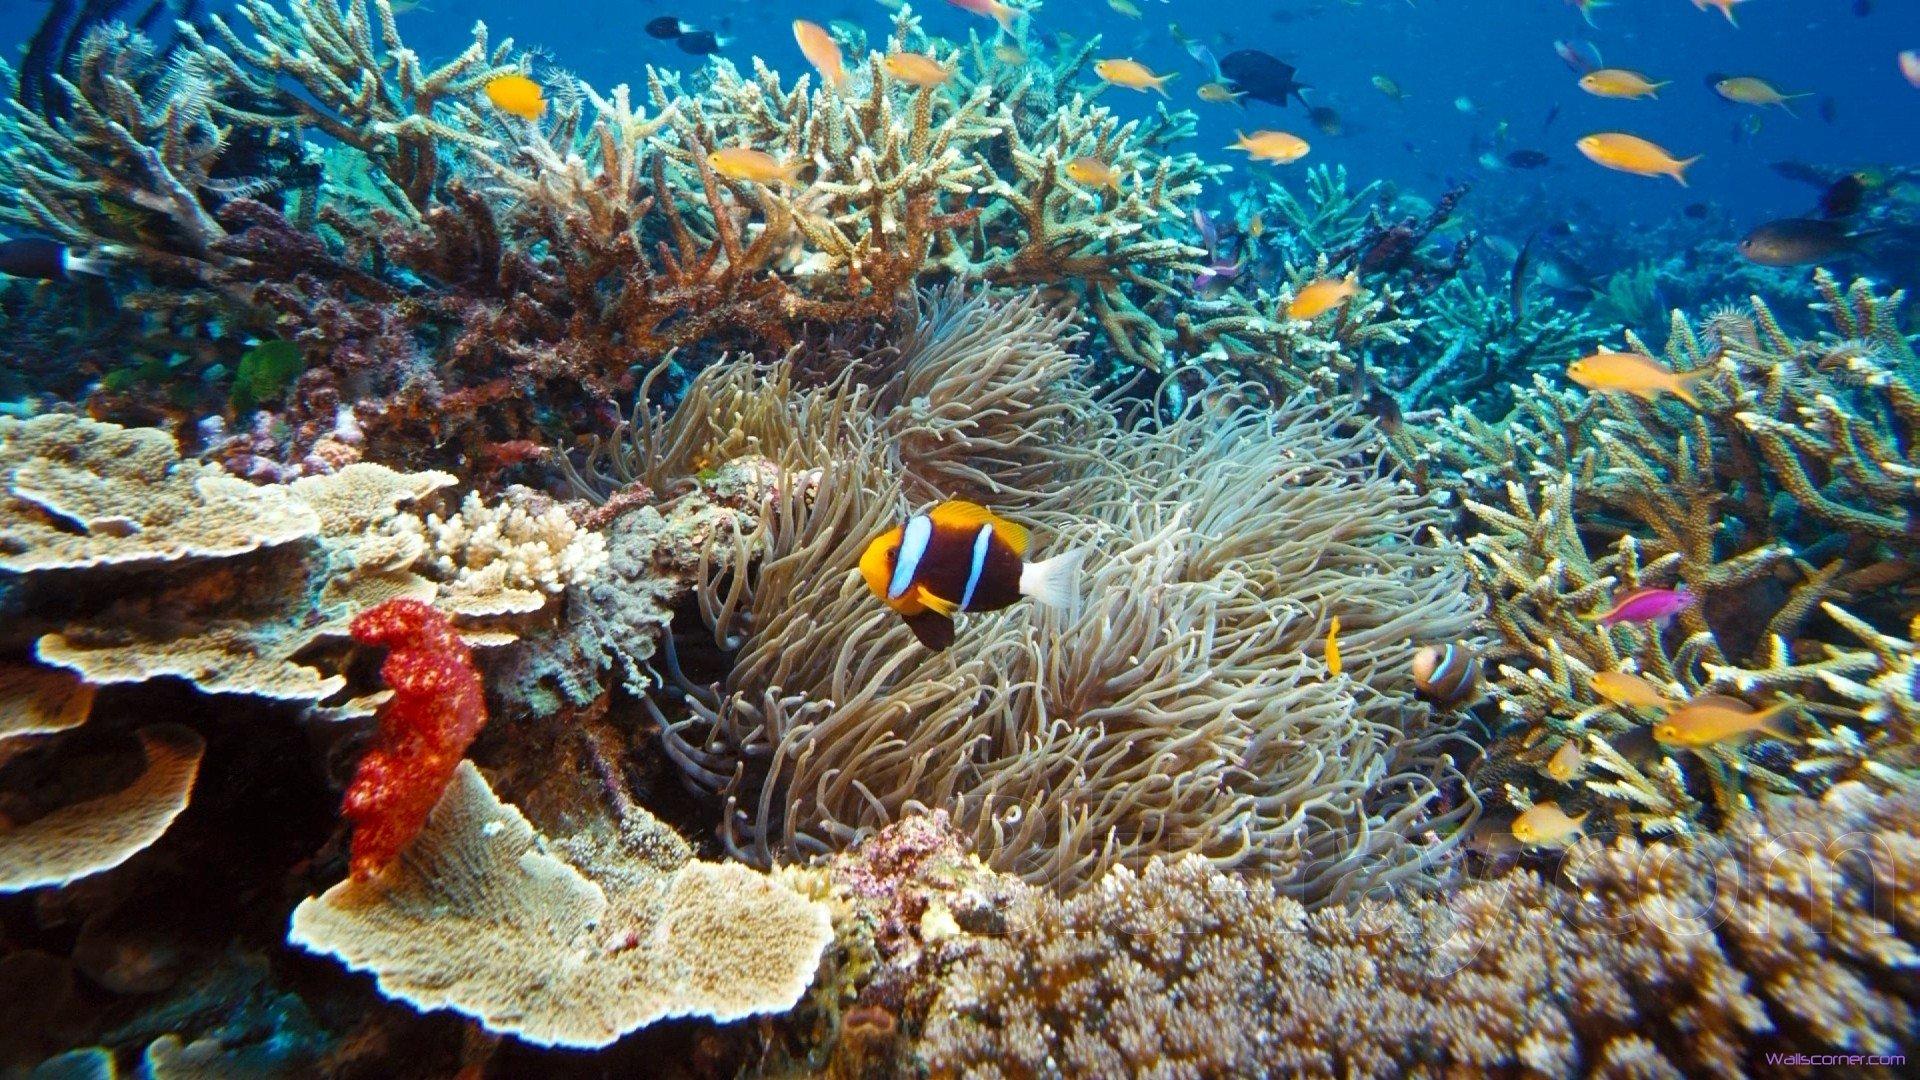 sea wallpaper nature dead - photo #34